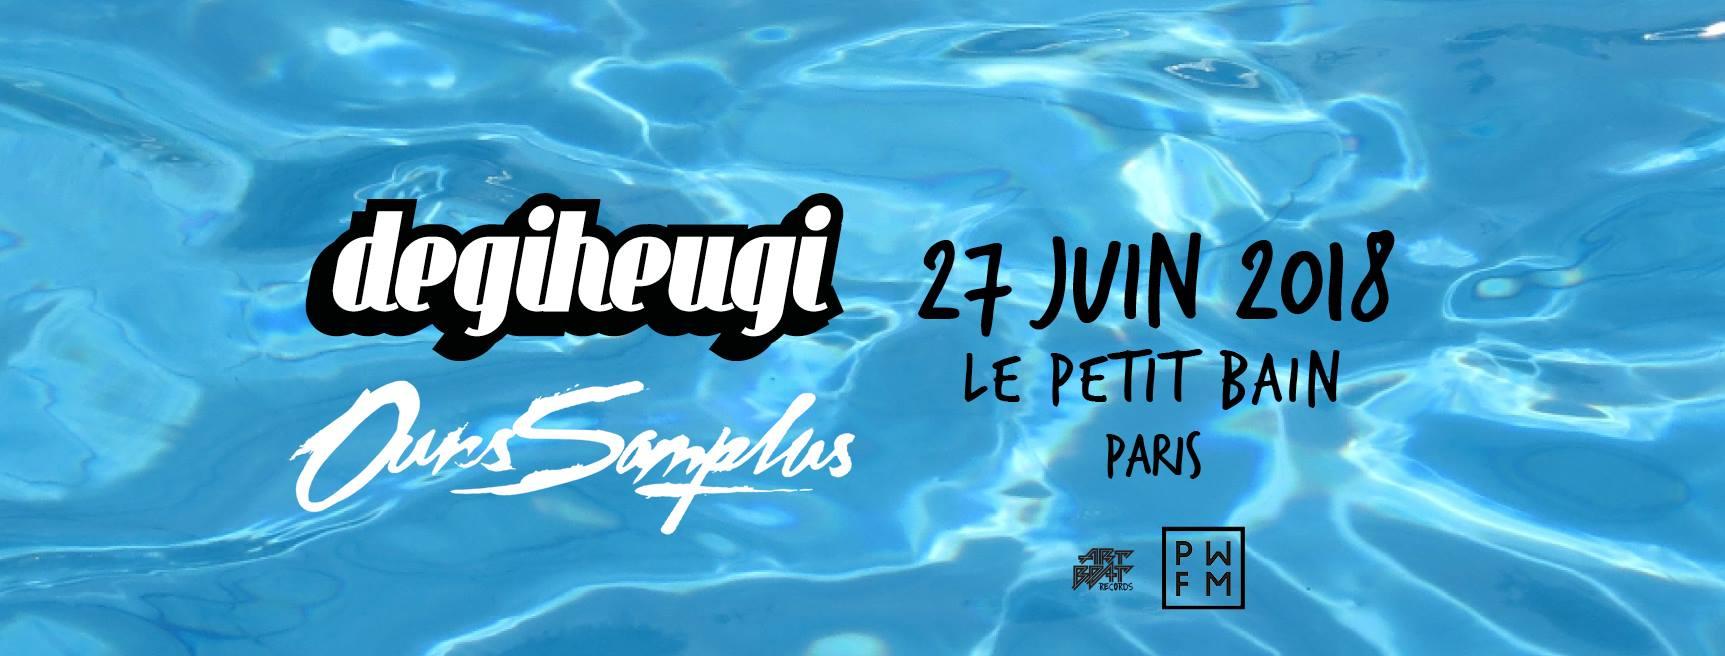 Degiheugi et Ours Samplus au Petit Bain (Paris)